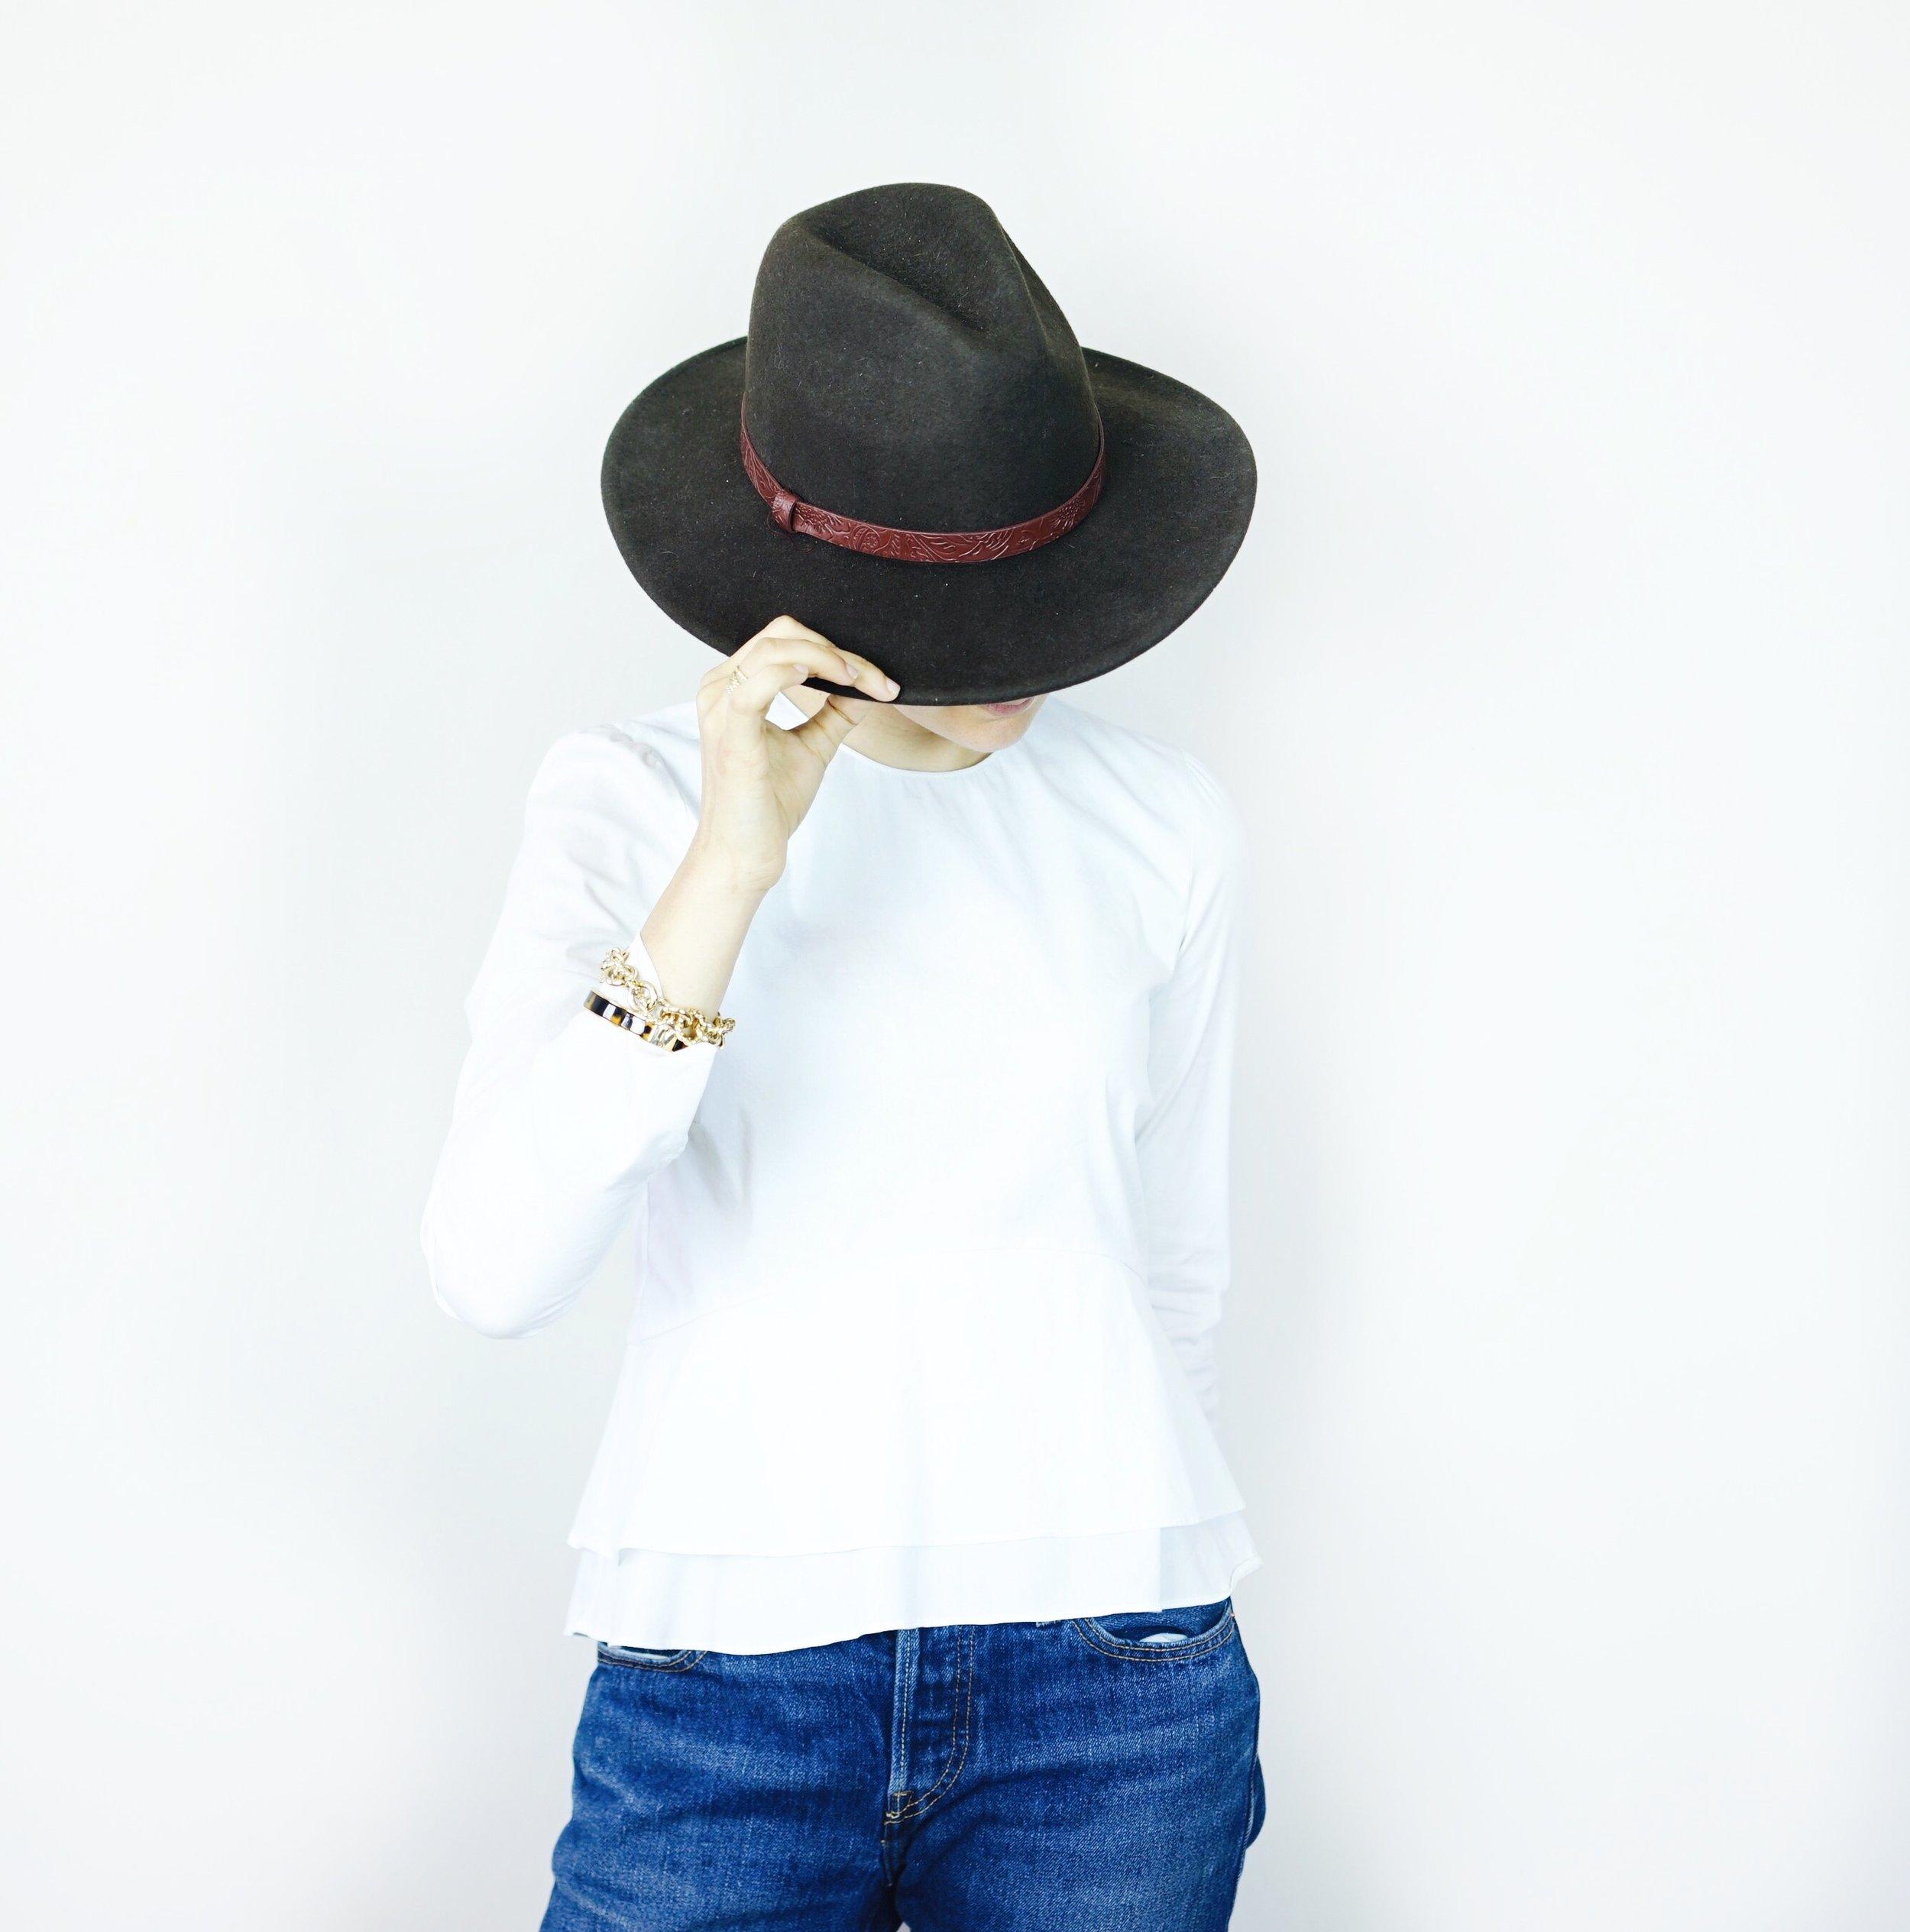 Zara-white-shirt-levis-501-ct-fedora-hat-new-years-resolutions-2017-goals.jpg